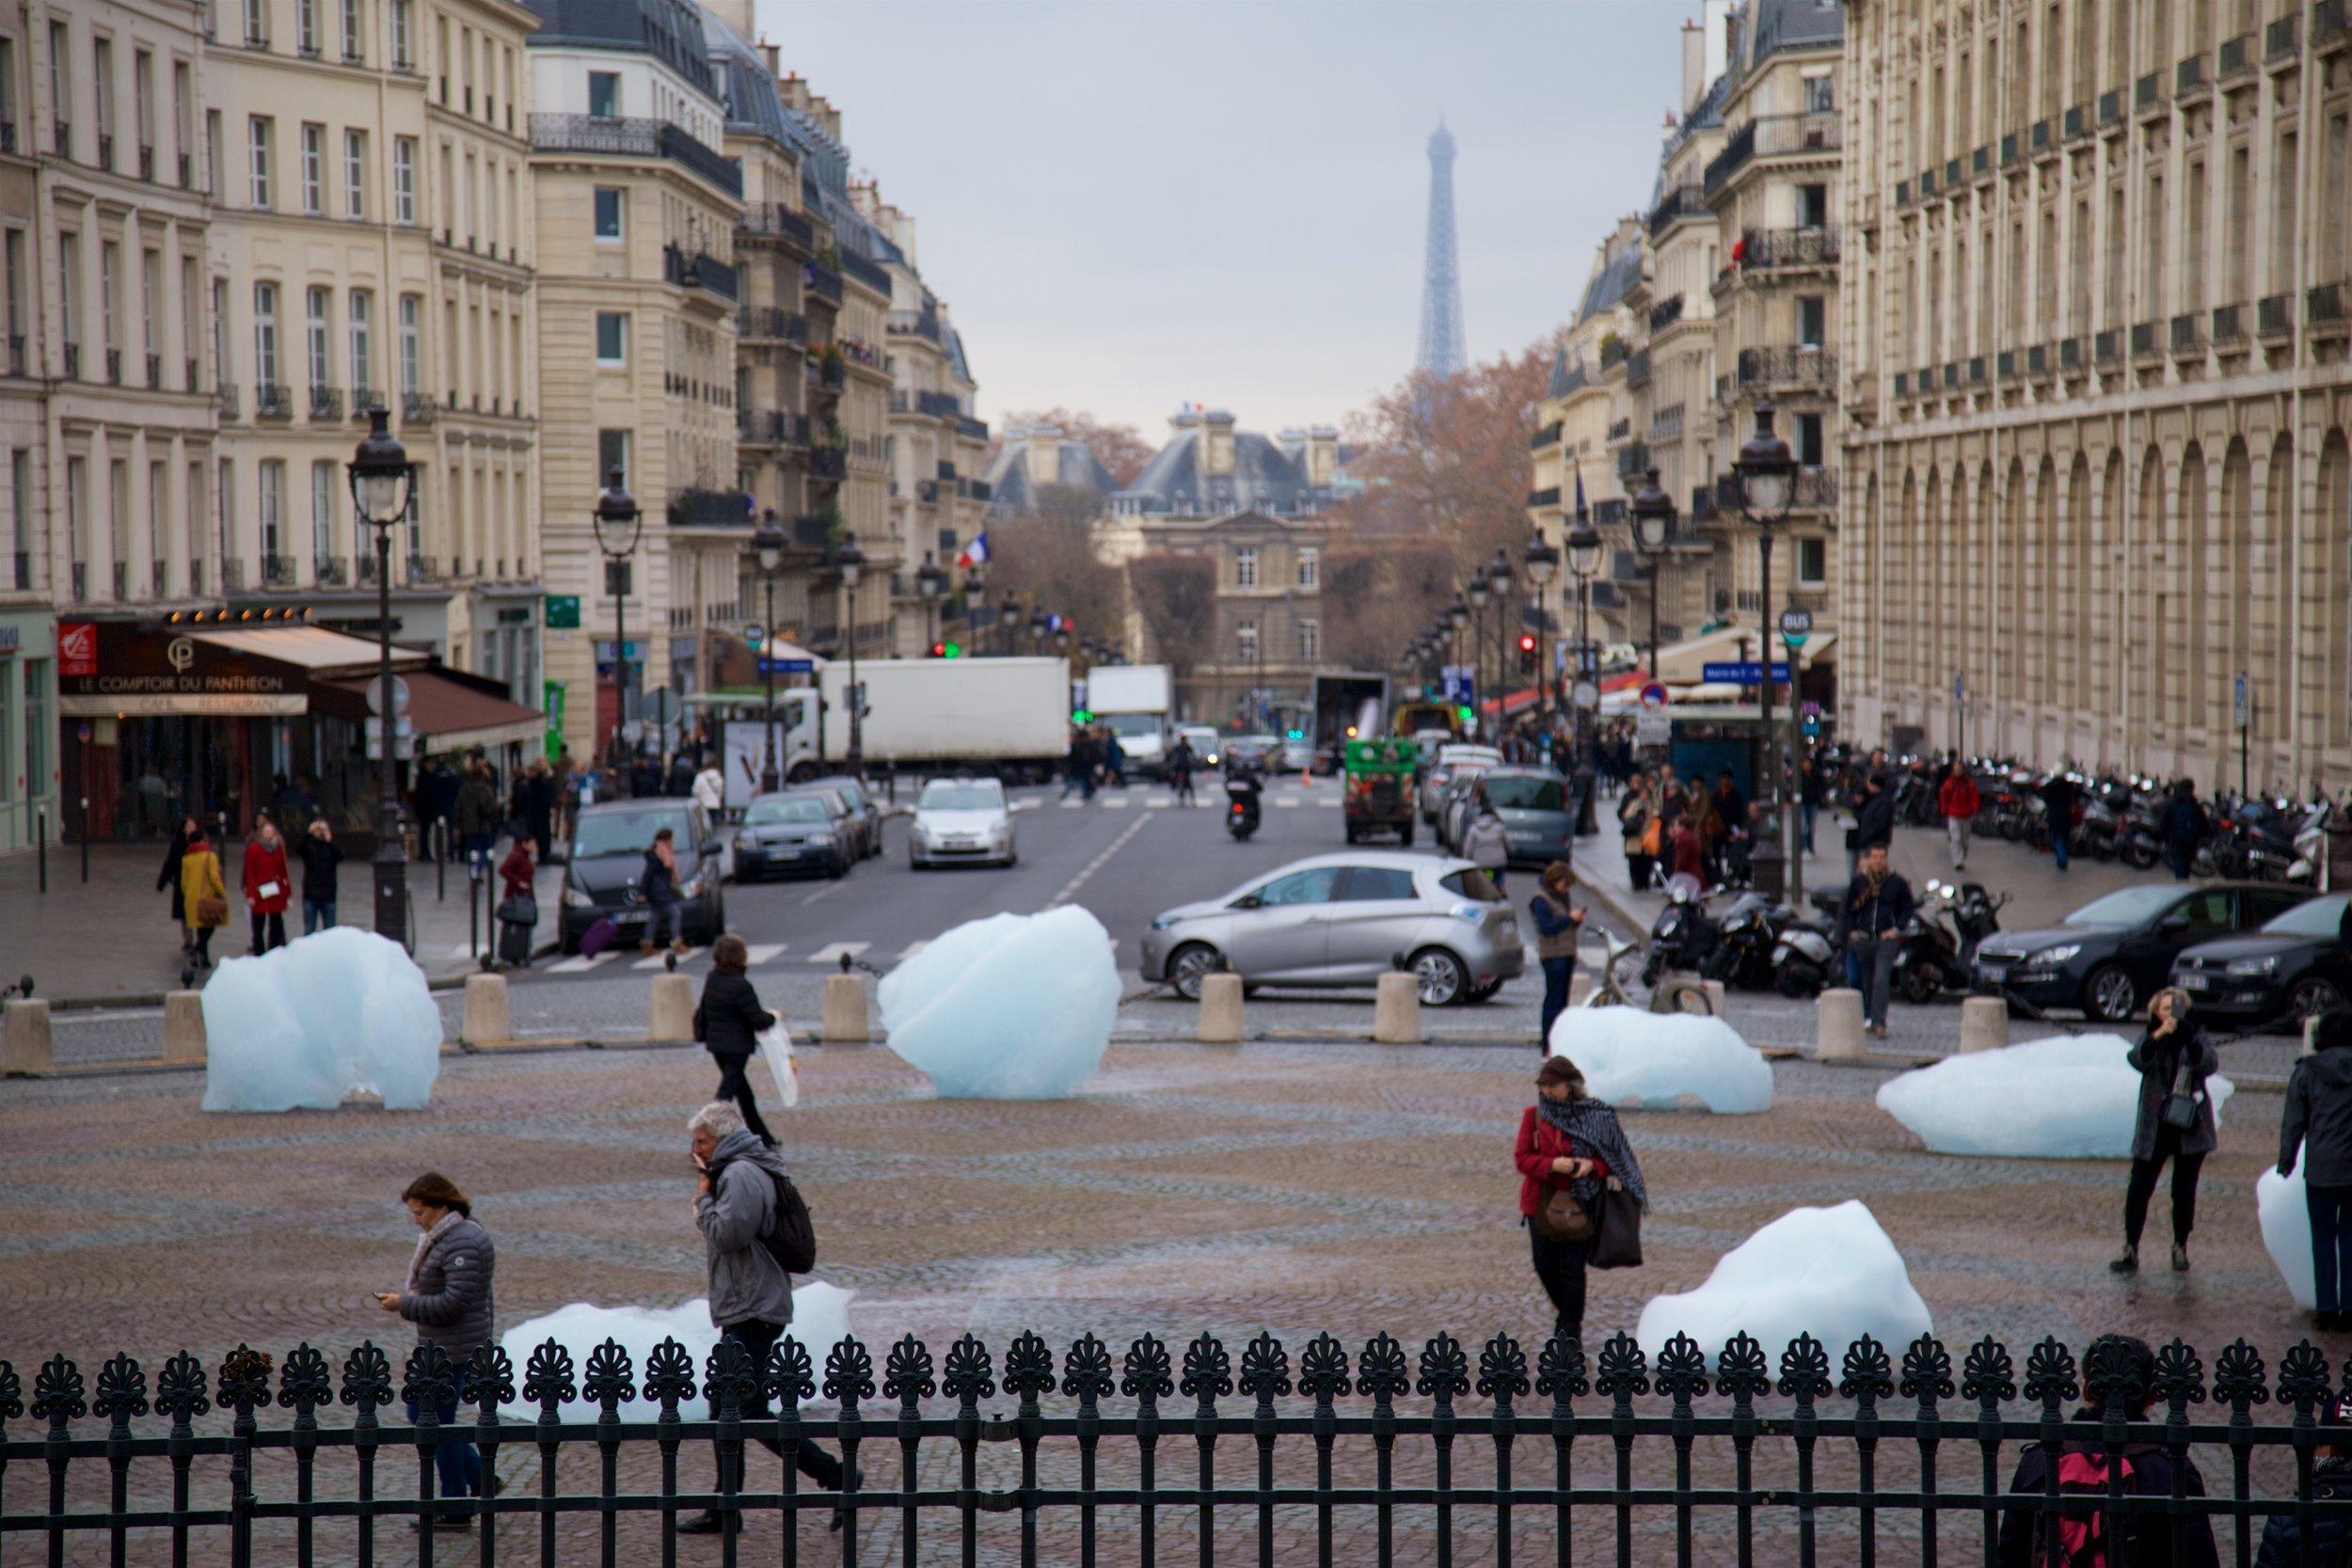 Olafur Eliasson artwork for COP21 Paris